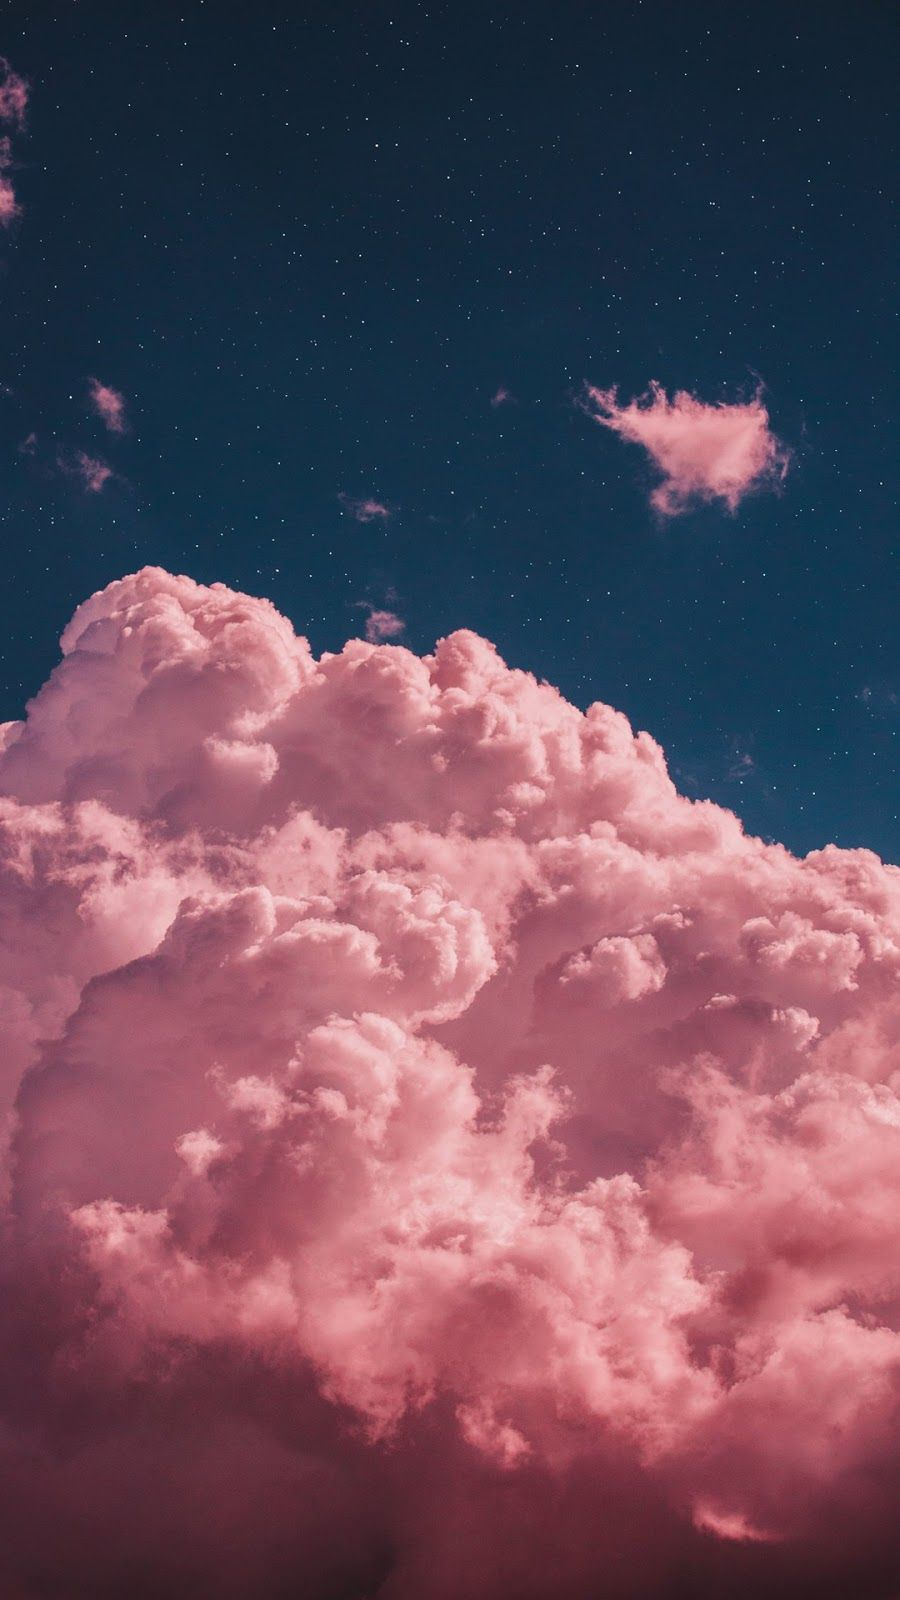 Pink Clouds Wallpaper Clouds Pink Wallpaper Sevimli Duvar